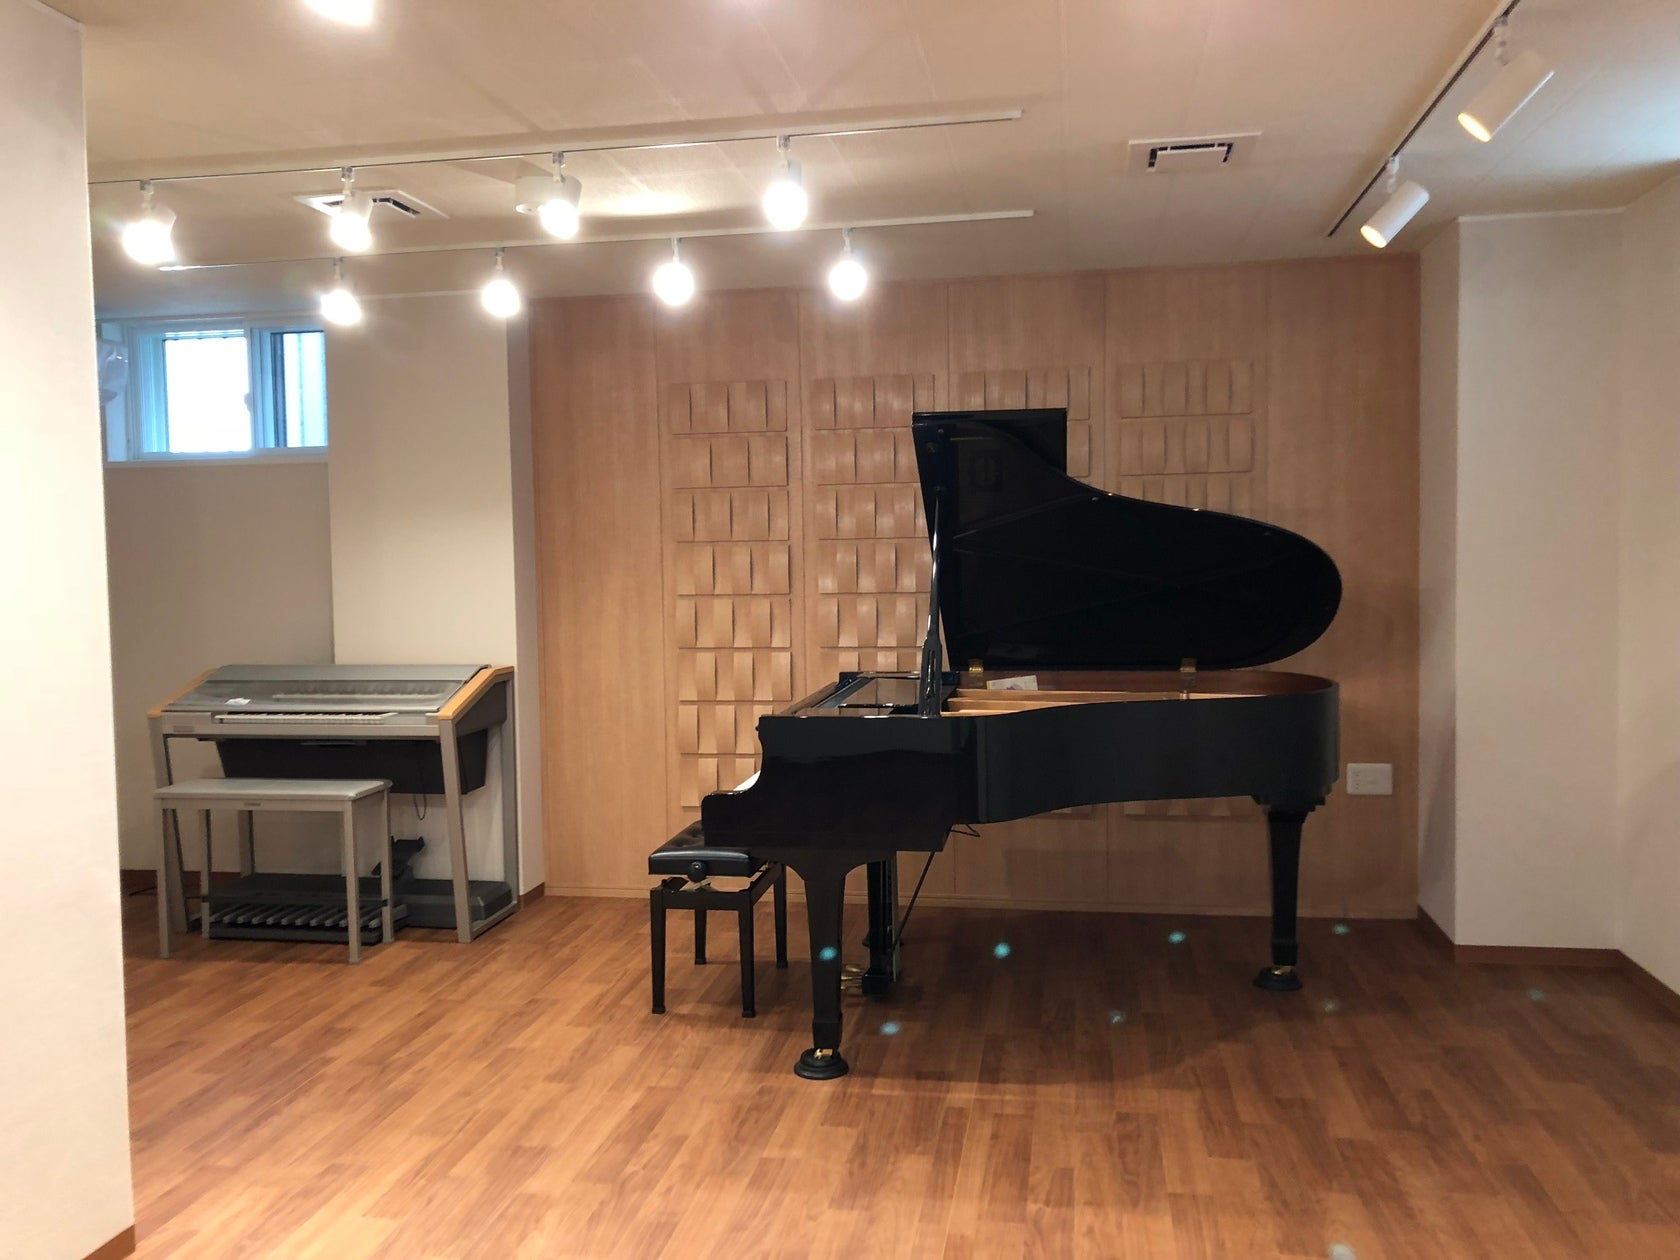 福岡市中央区の音楽スタジオ!グランドピアノ・エレクトーン設置!楽器や歌の練習・ミニコンサート・ダンス・セミナーに!(福岡市中央区の音楽スタジオ!グランドピアノ設置!楽器の練習・ミニコンサート・ダンス・セミナーに!) の写真0